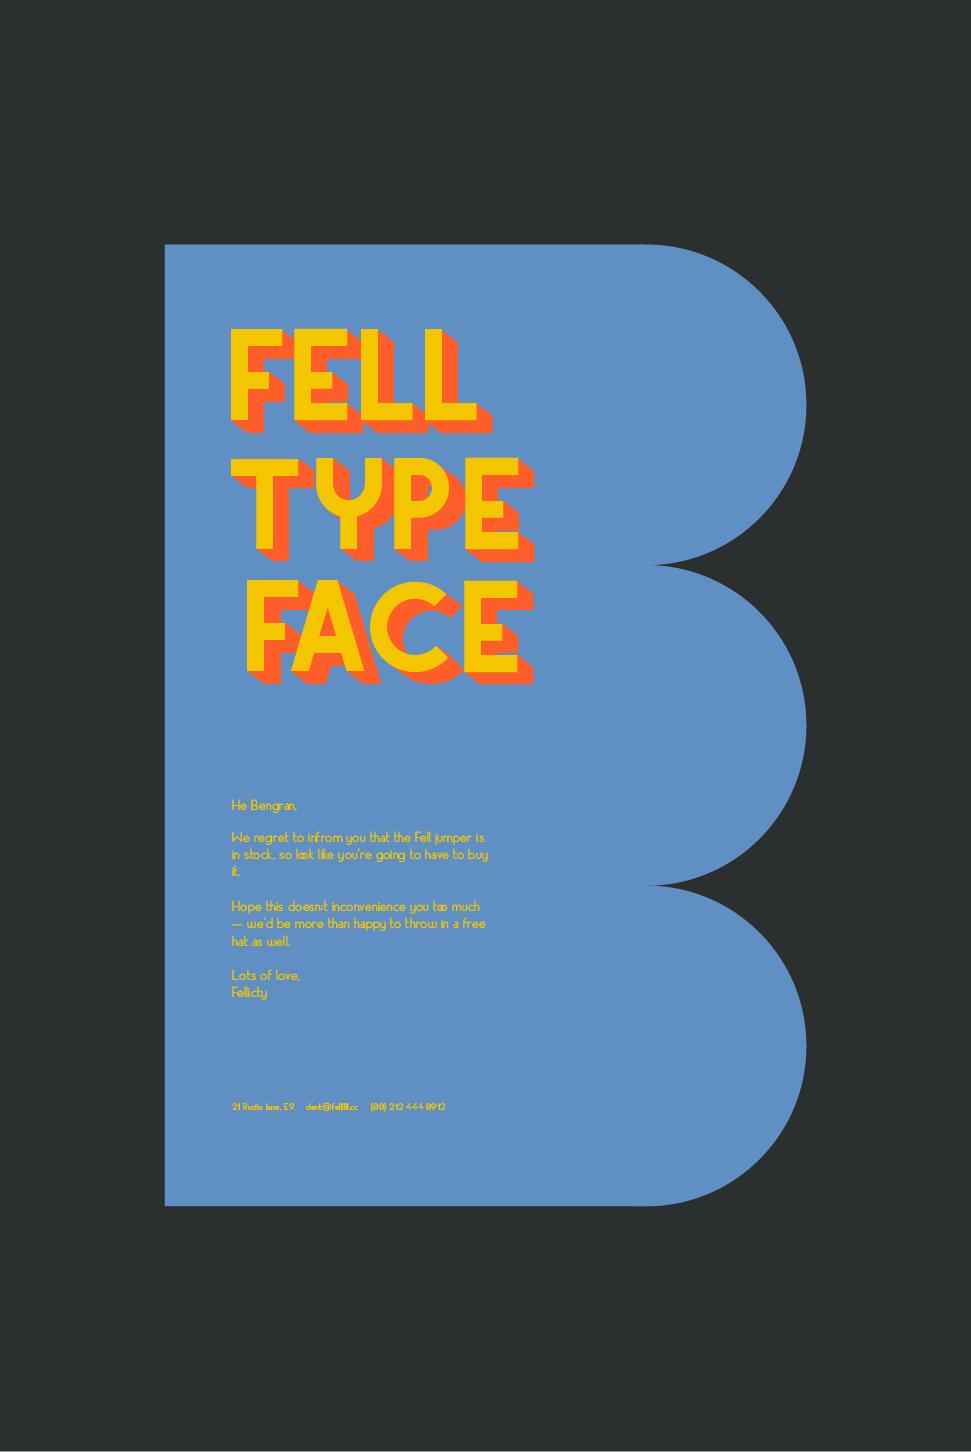 Fell_Intro_Ch3_V_04